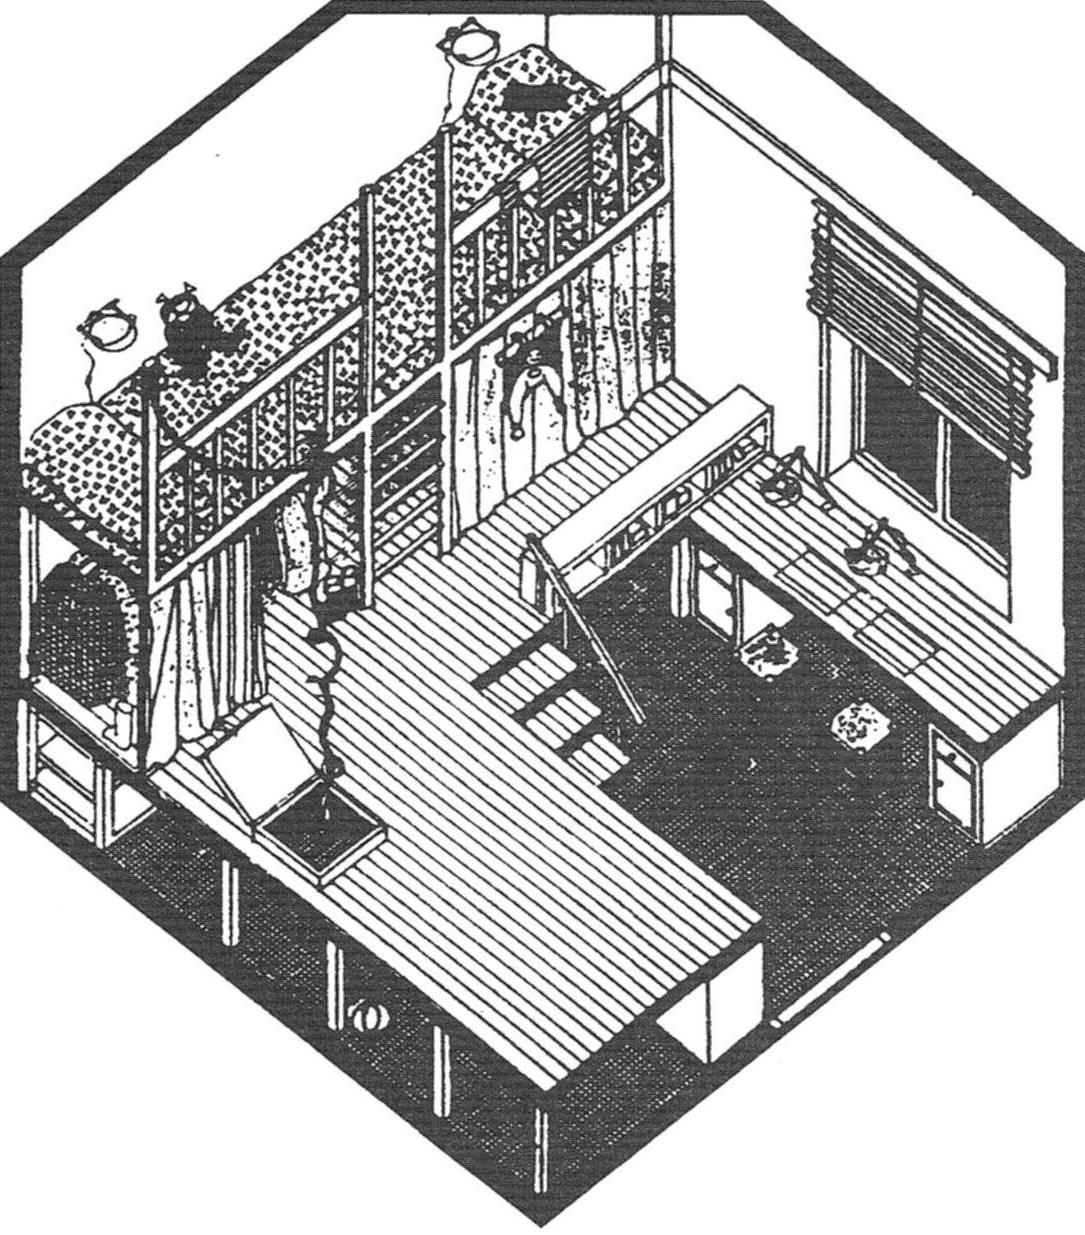 Комбинированная по функциям зона: кабинет-спальня. Решена в двух уровнях: напольный — содержит рабочий стол и располо женный рядом книжный шкаф; на помосте — лёгкая конструкция для одежды и спальное место наверху